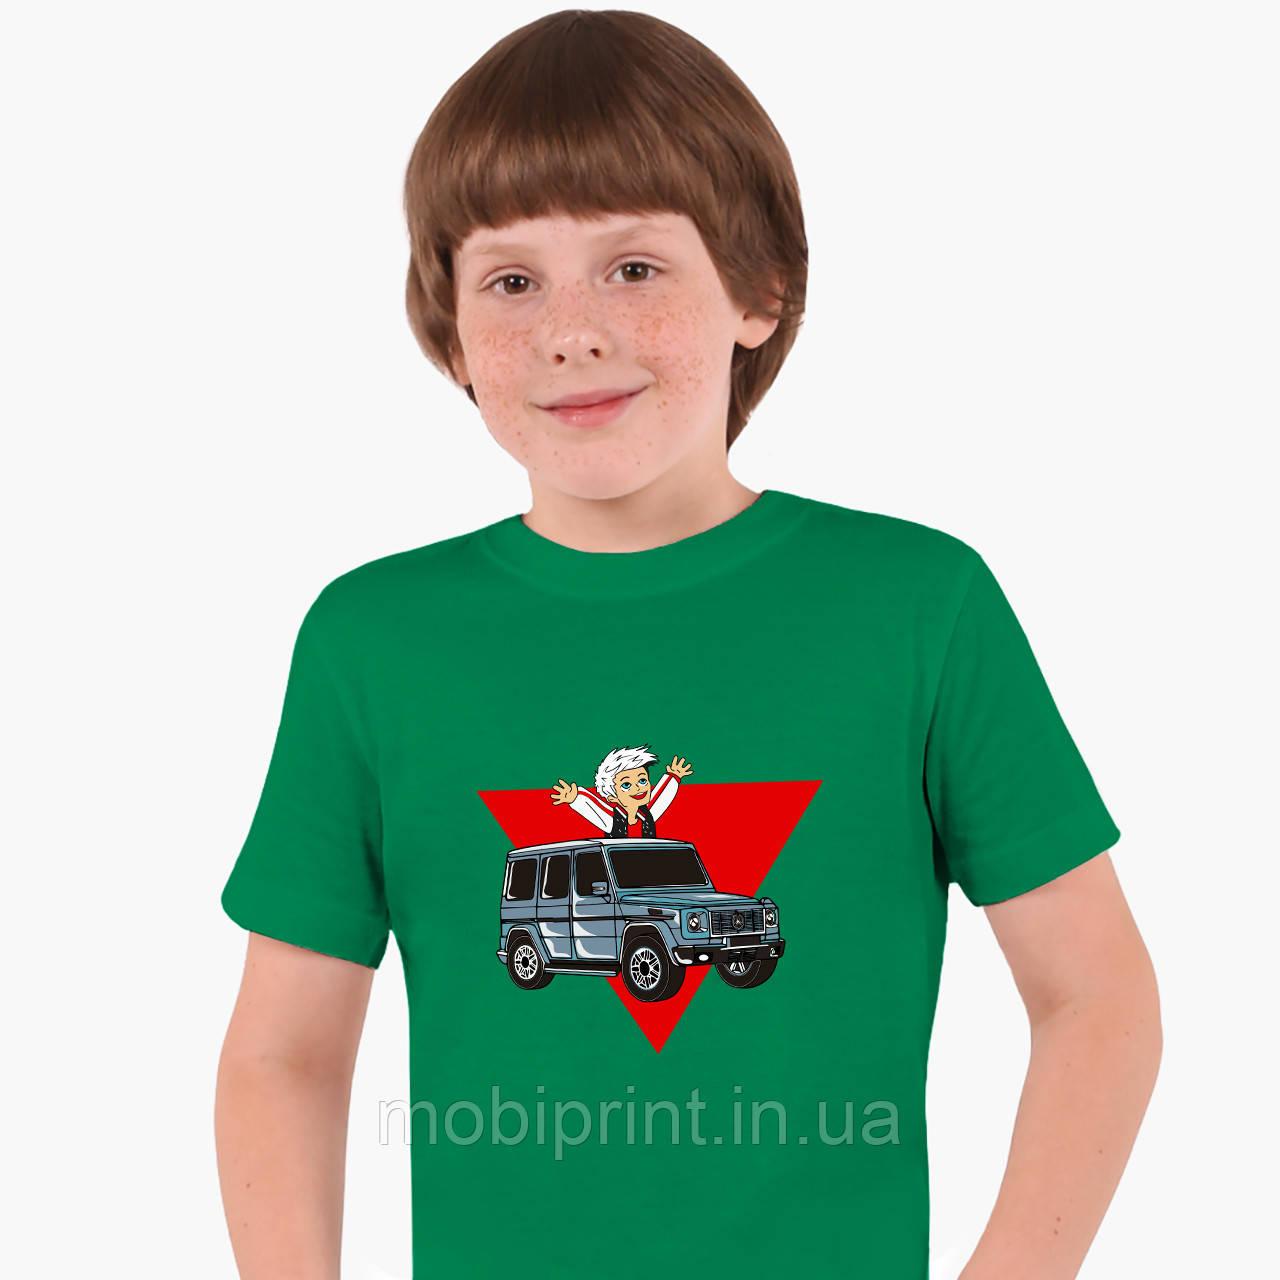 Детская футболка для мальчиков блогер Влад Бумага А4 (blogger Vlad A4) (25186-2618) Зеленый